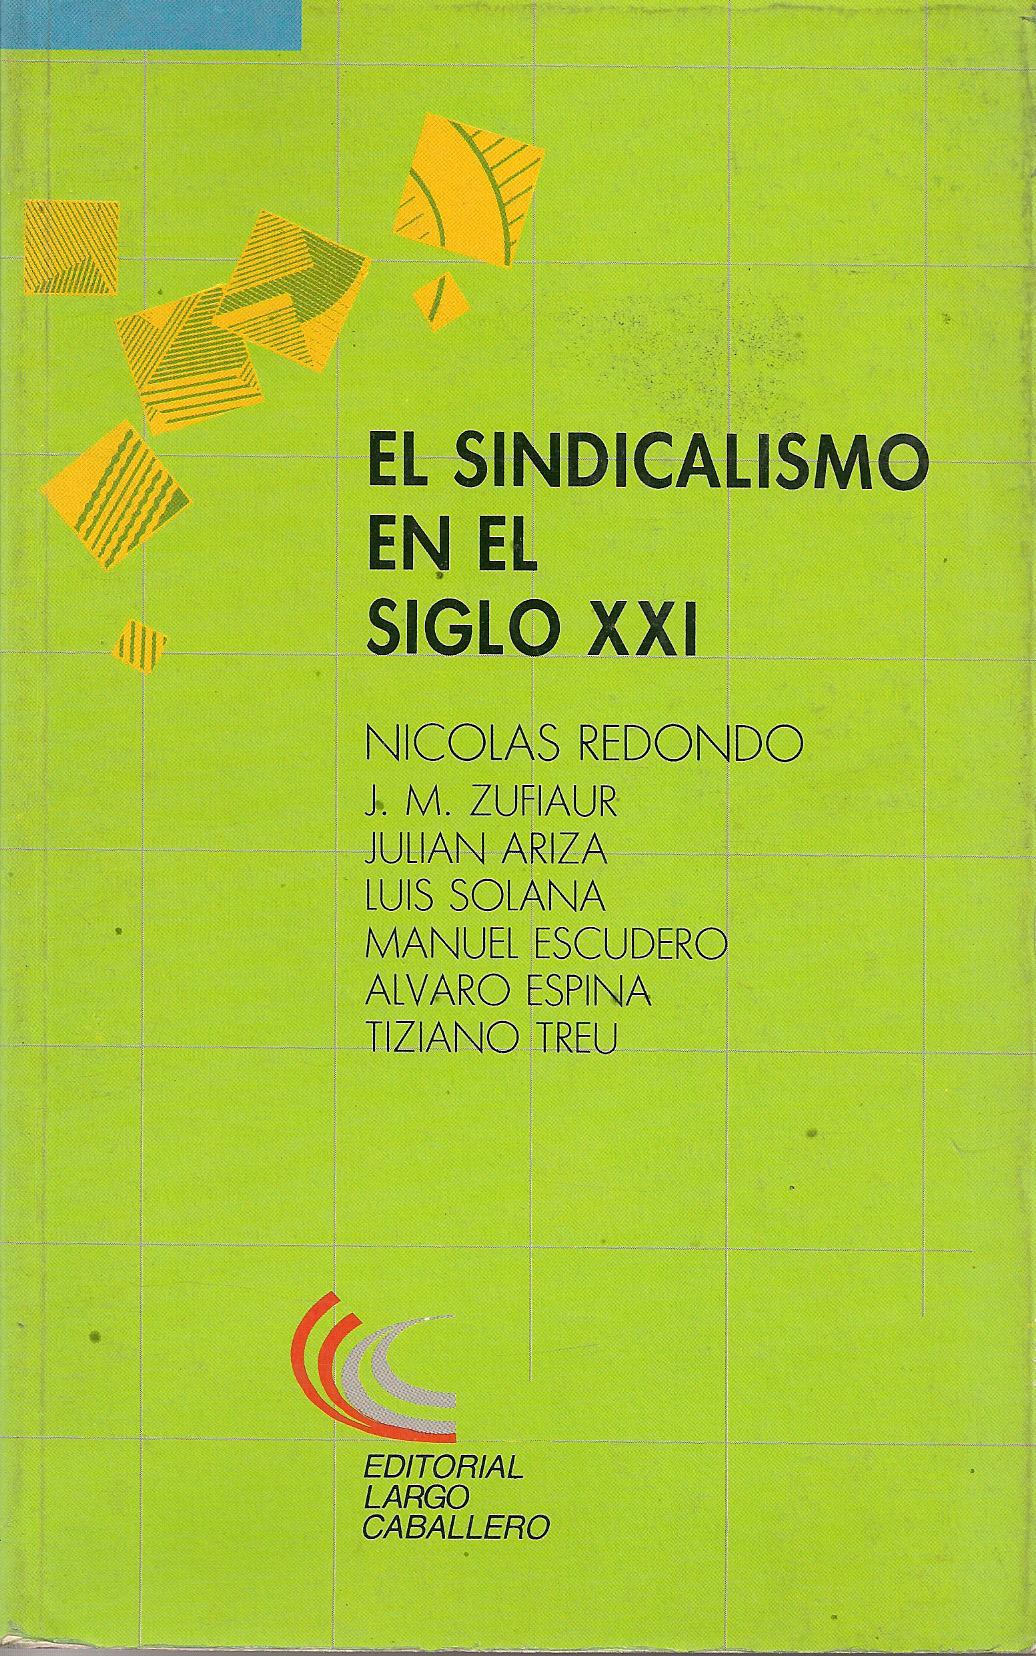 El Sindicalismo en el siglo XXI